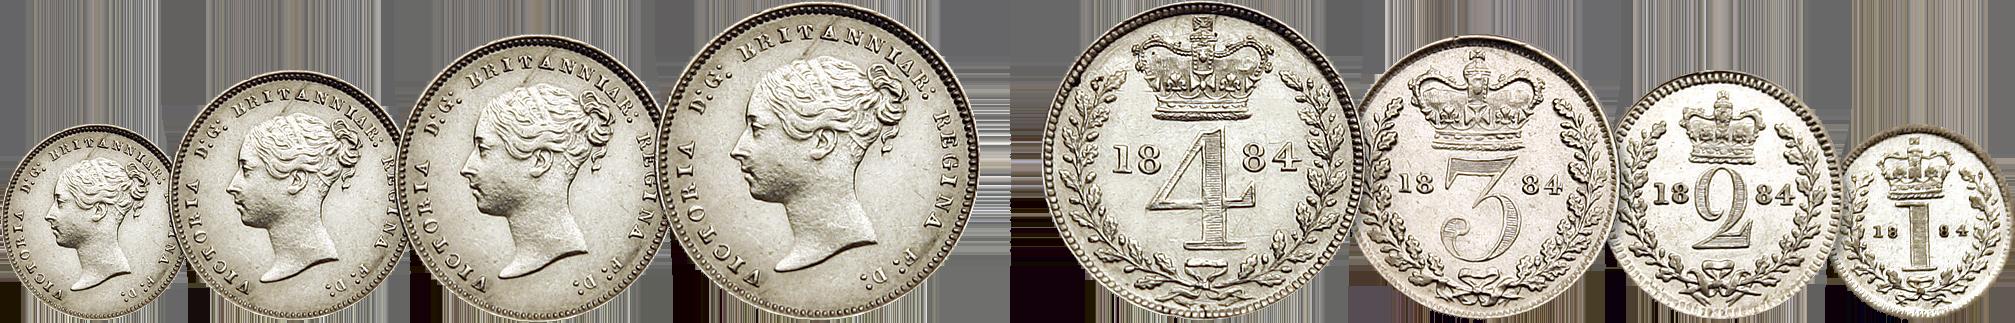 Skjærtorsdagmynter, Dronning Victoria 1884